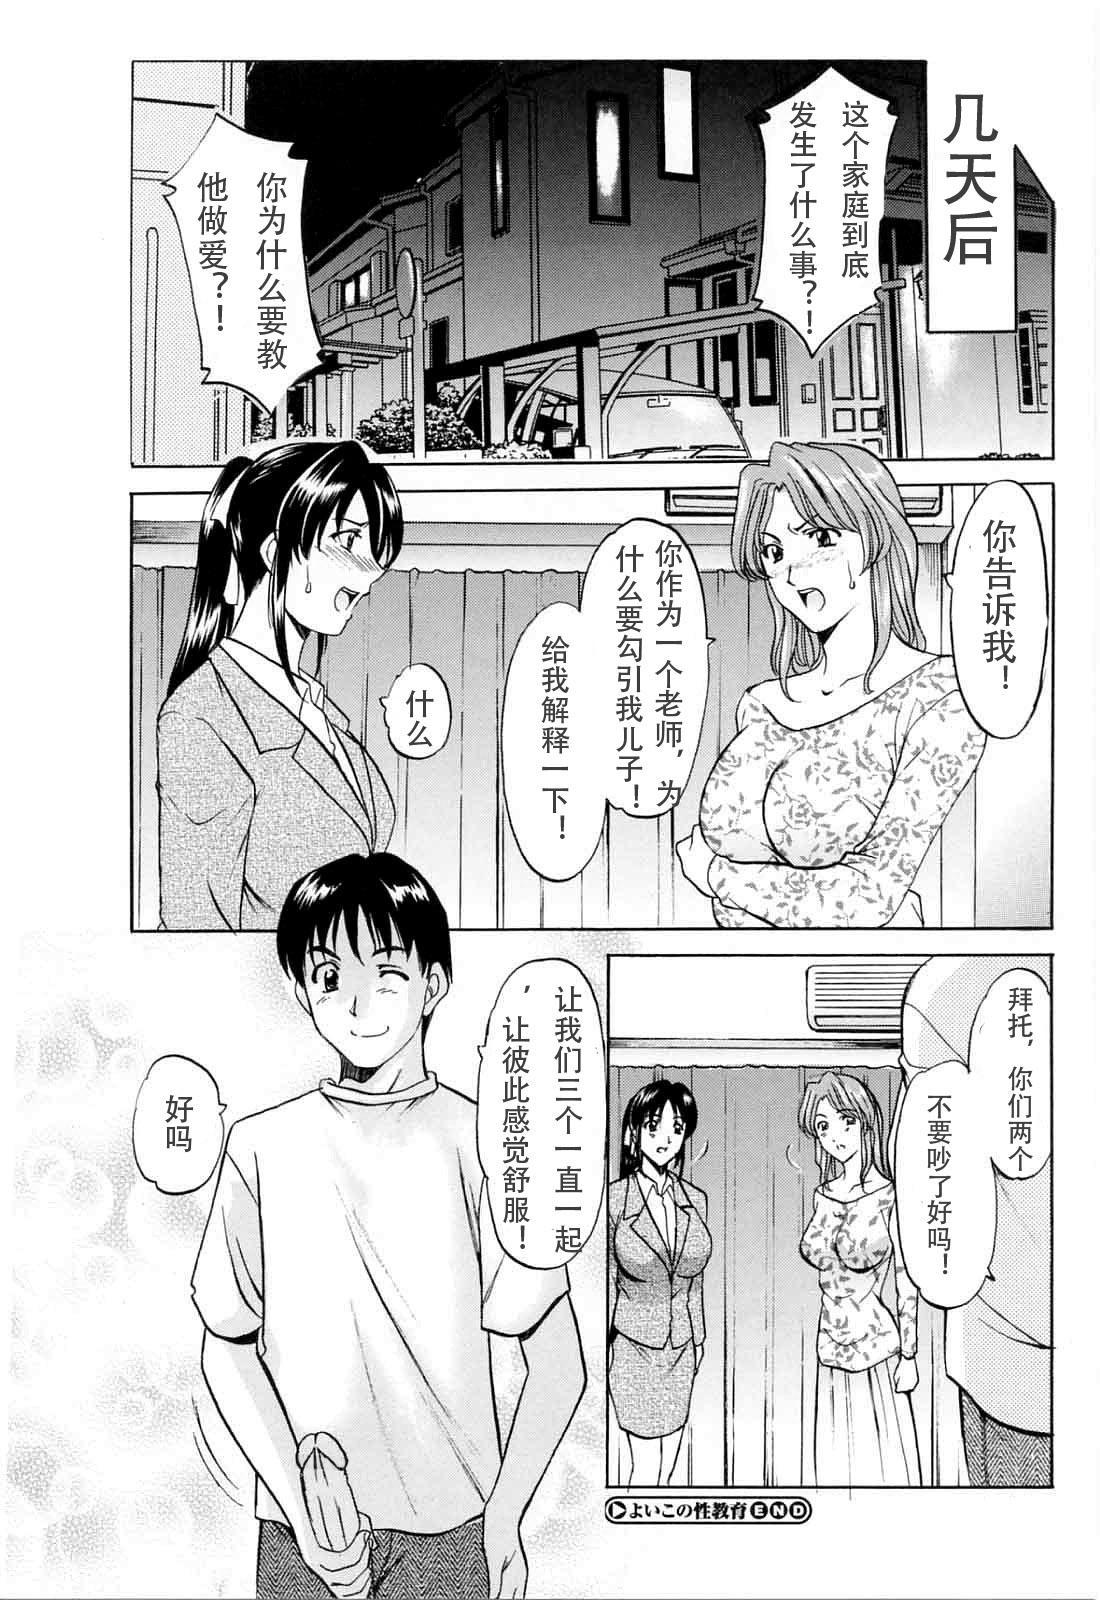 Yoiko no Seikyouiku | Yoiko's Sex Education 15